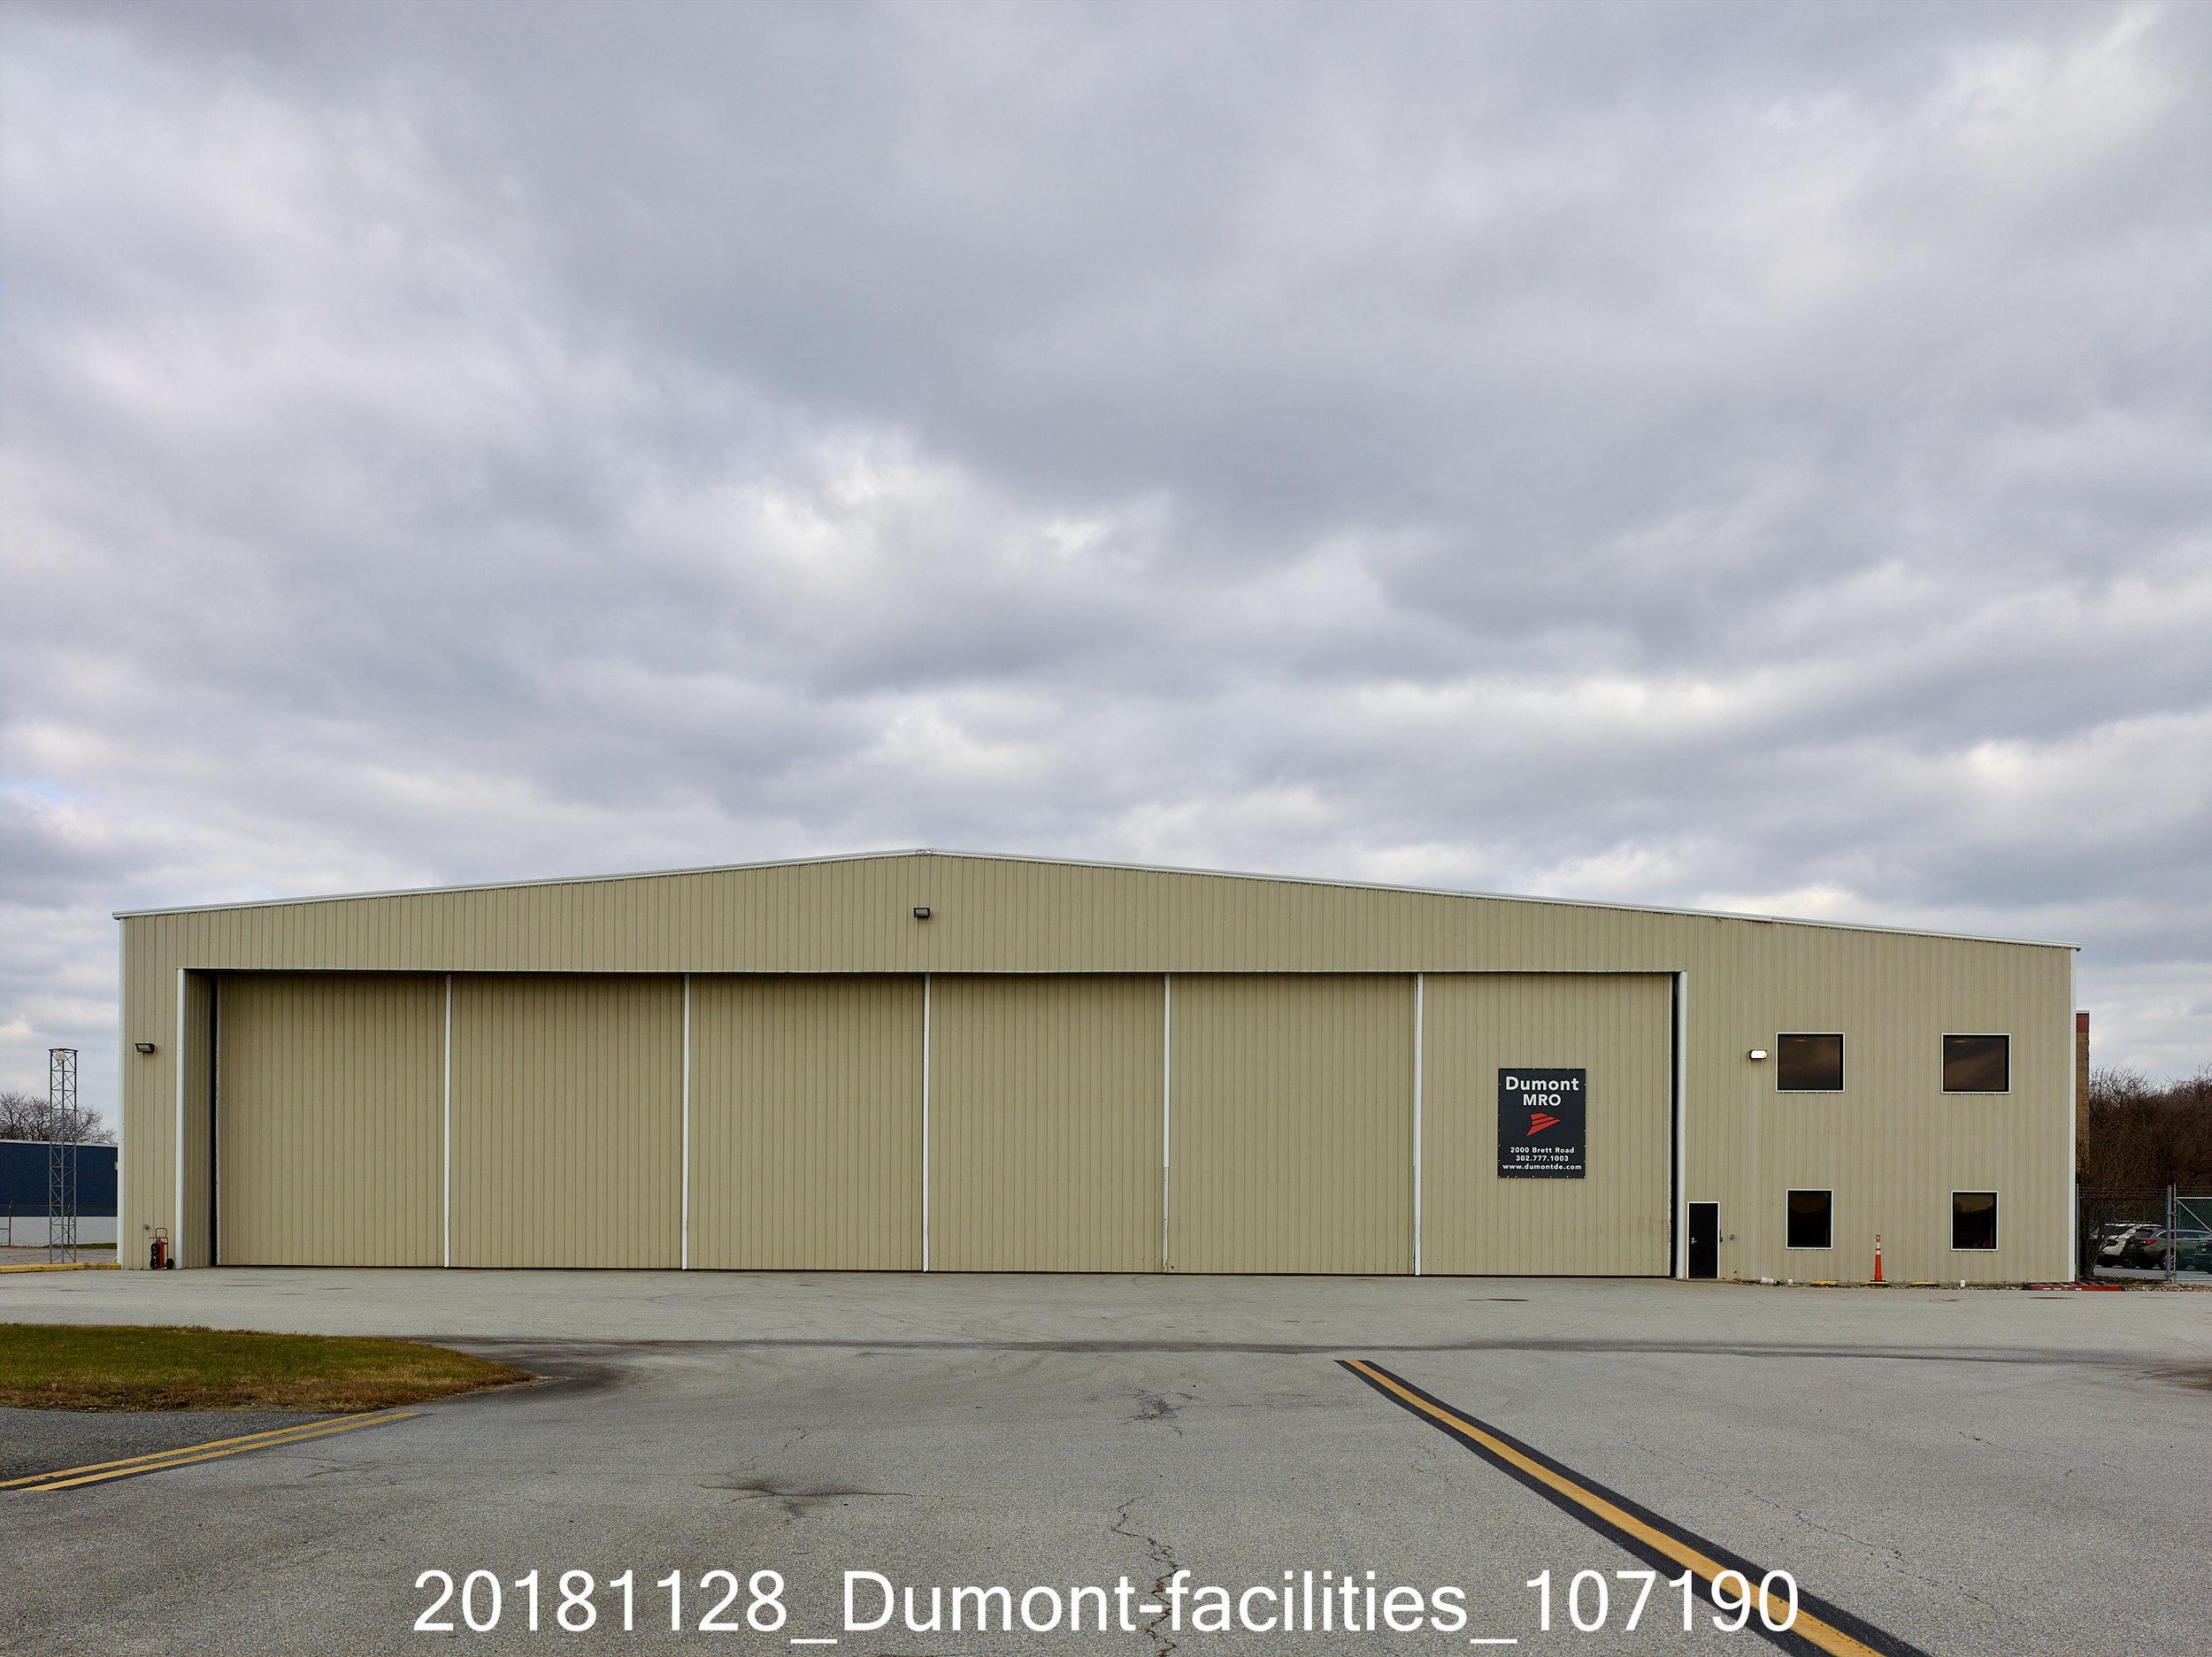 20181128_Dumont-facilities_107190.jpg